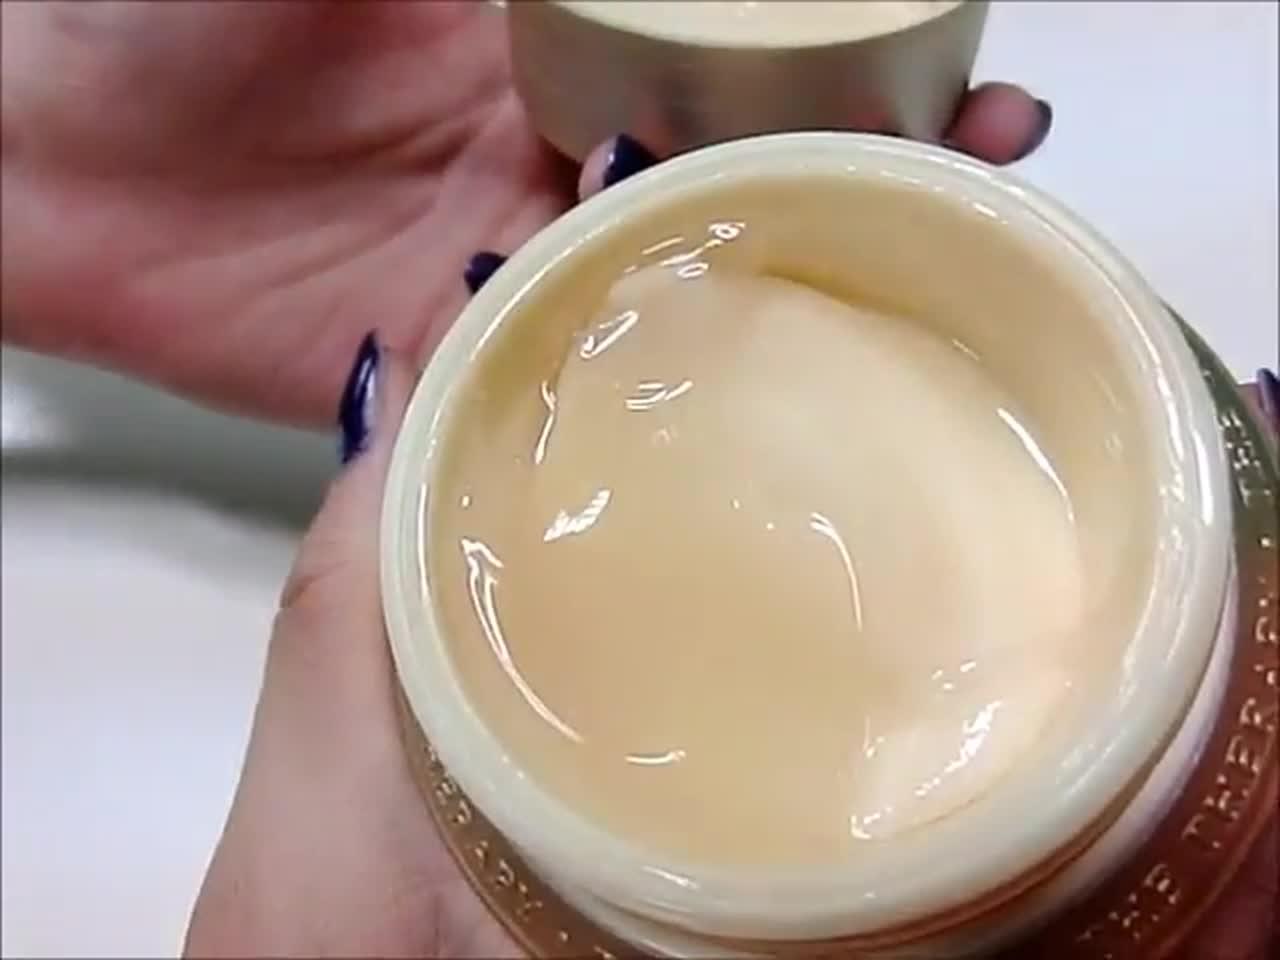 打開瓶蓋時驚艷了一下! 真的是一半凝膠、一半乳霜耶!(不然?)